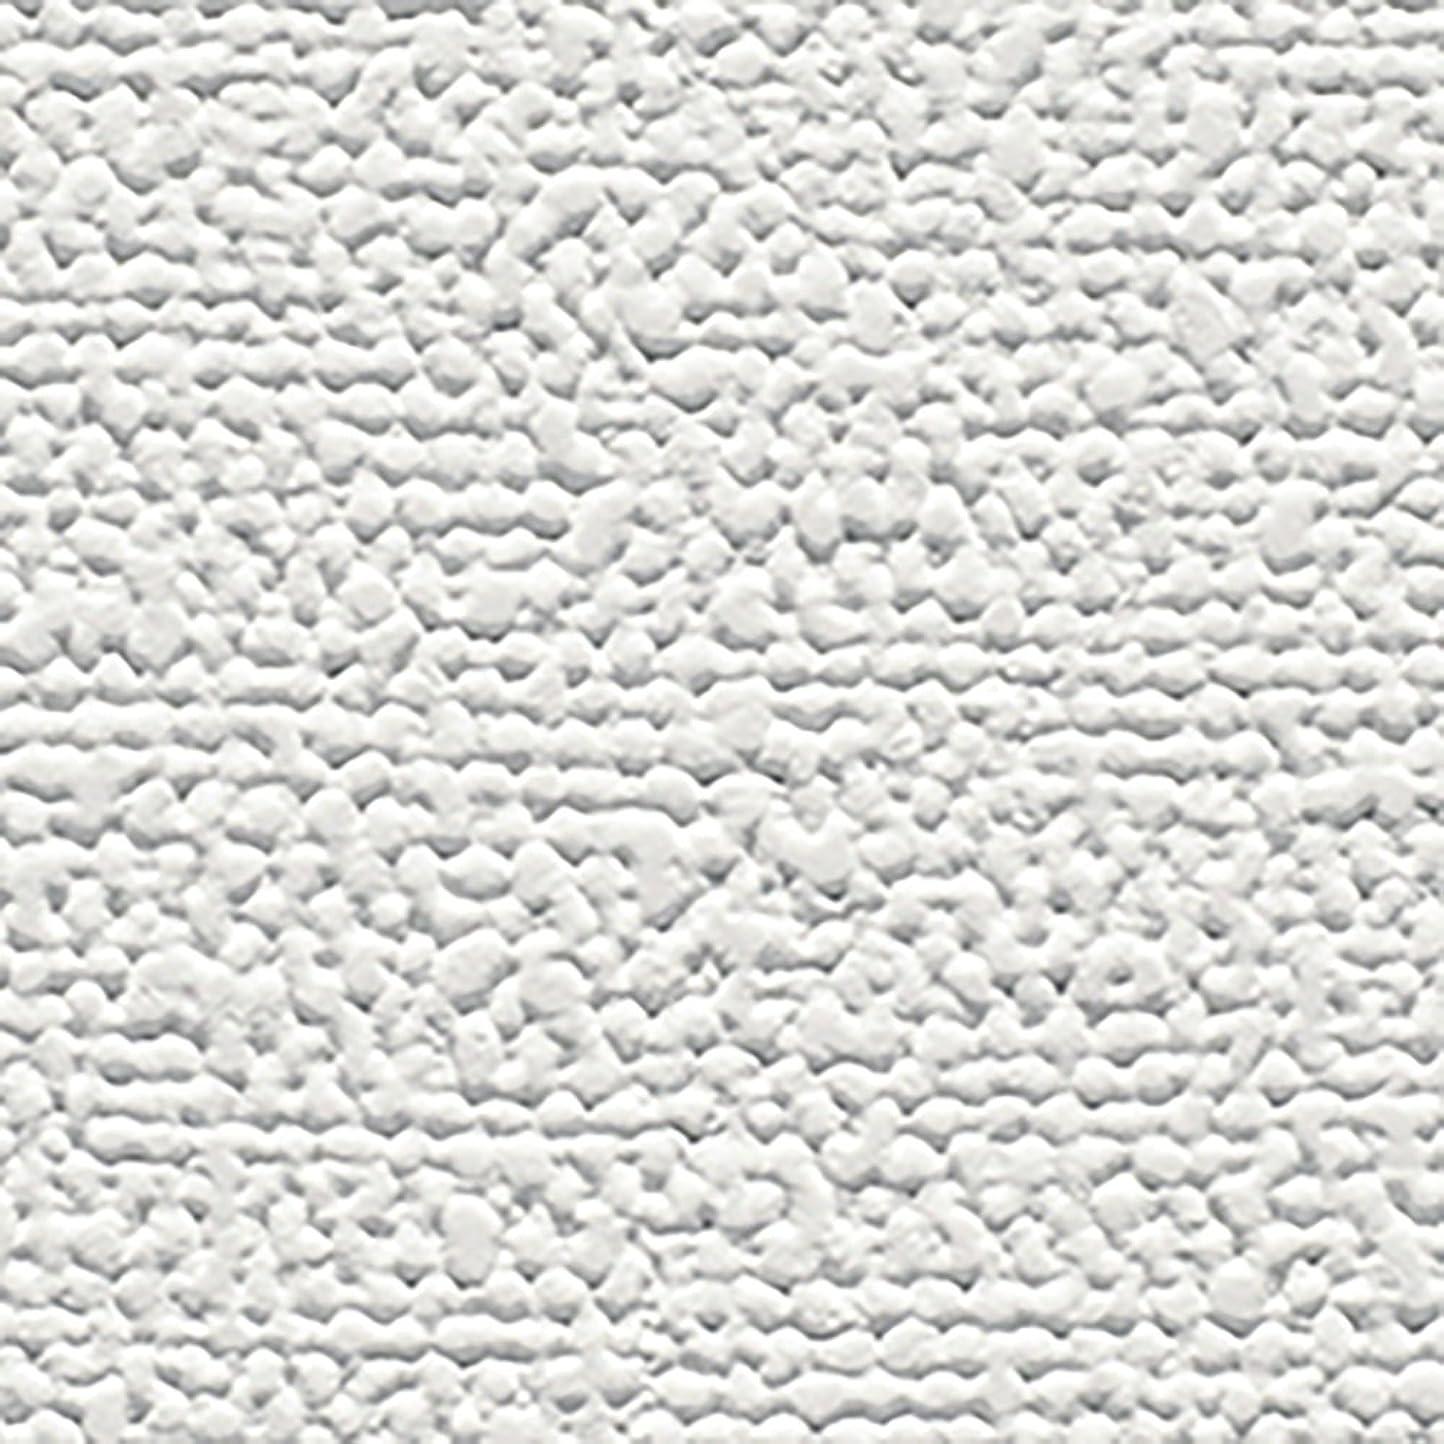 田舎以来蒸サンゲツ 壁紙 (クロス) 糊なし 織物 無地 SP-2111 (旧 SP-9931)【1m単位切売】 SP (2017-2019)